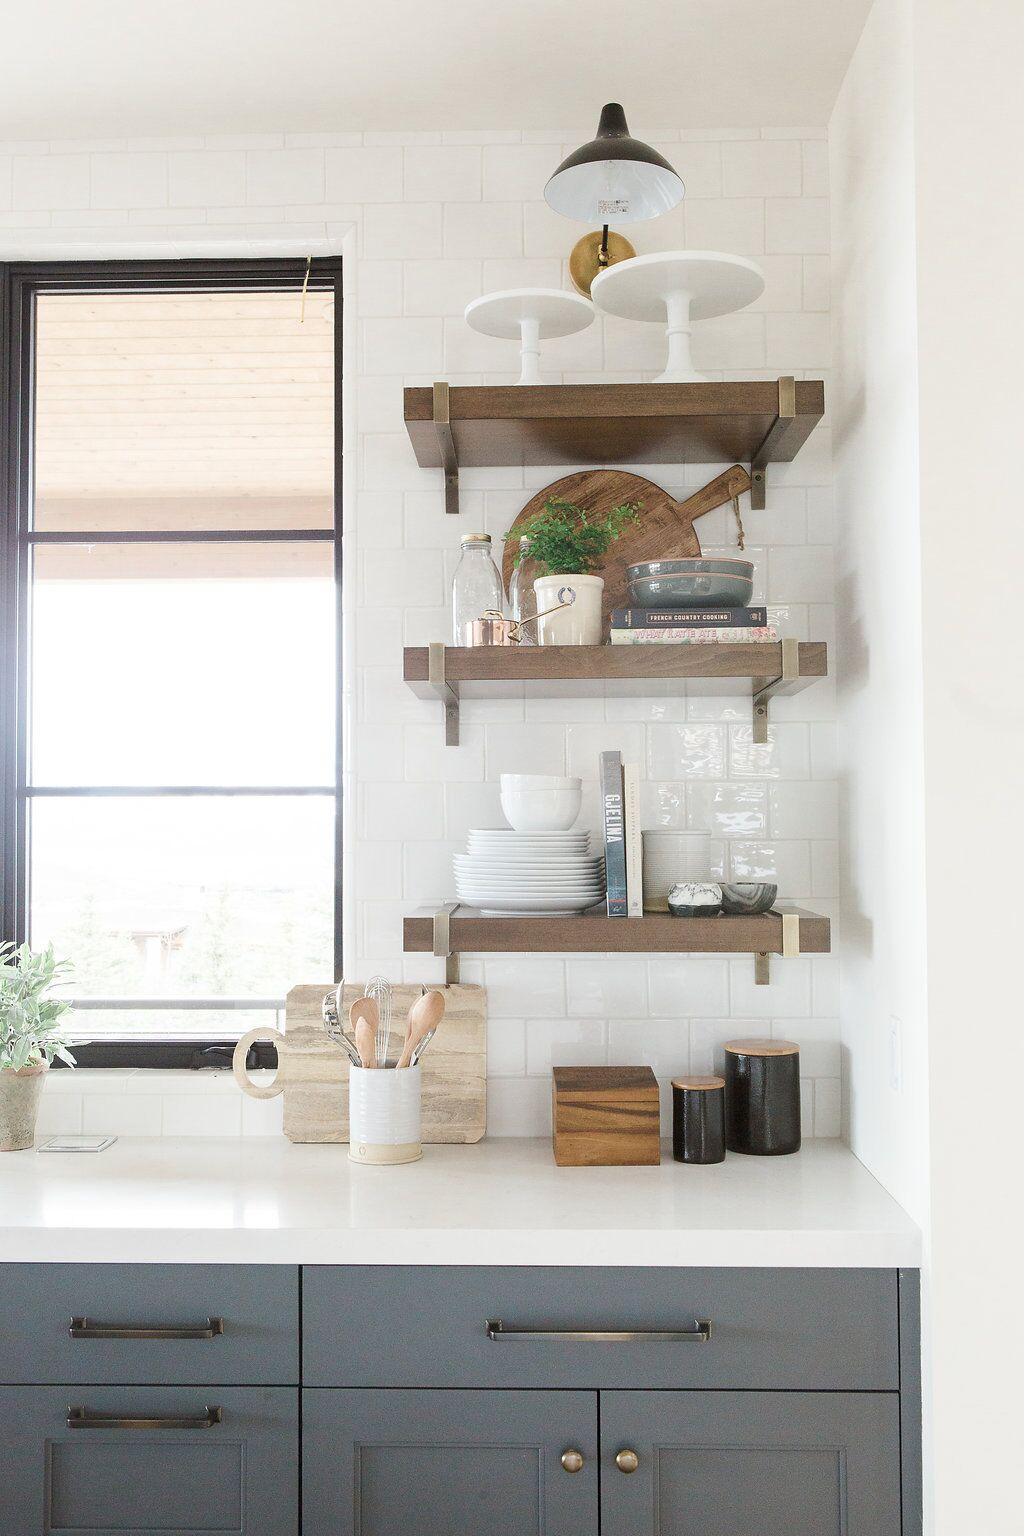 Built in wooden shelves along modern kitchen wall